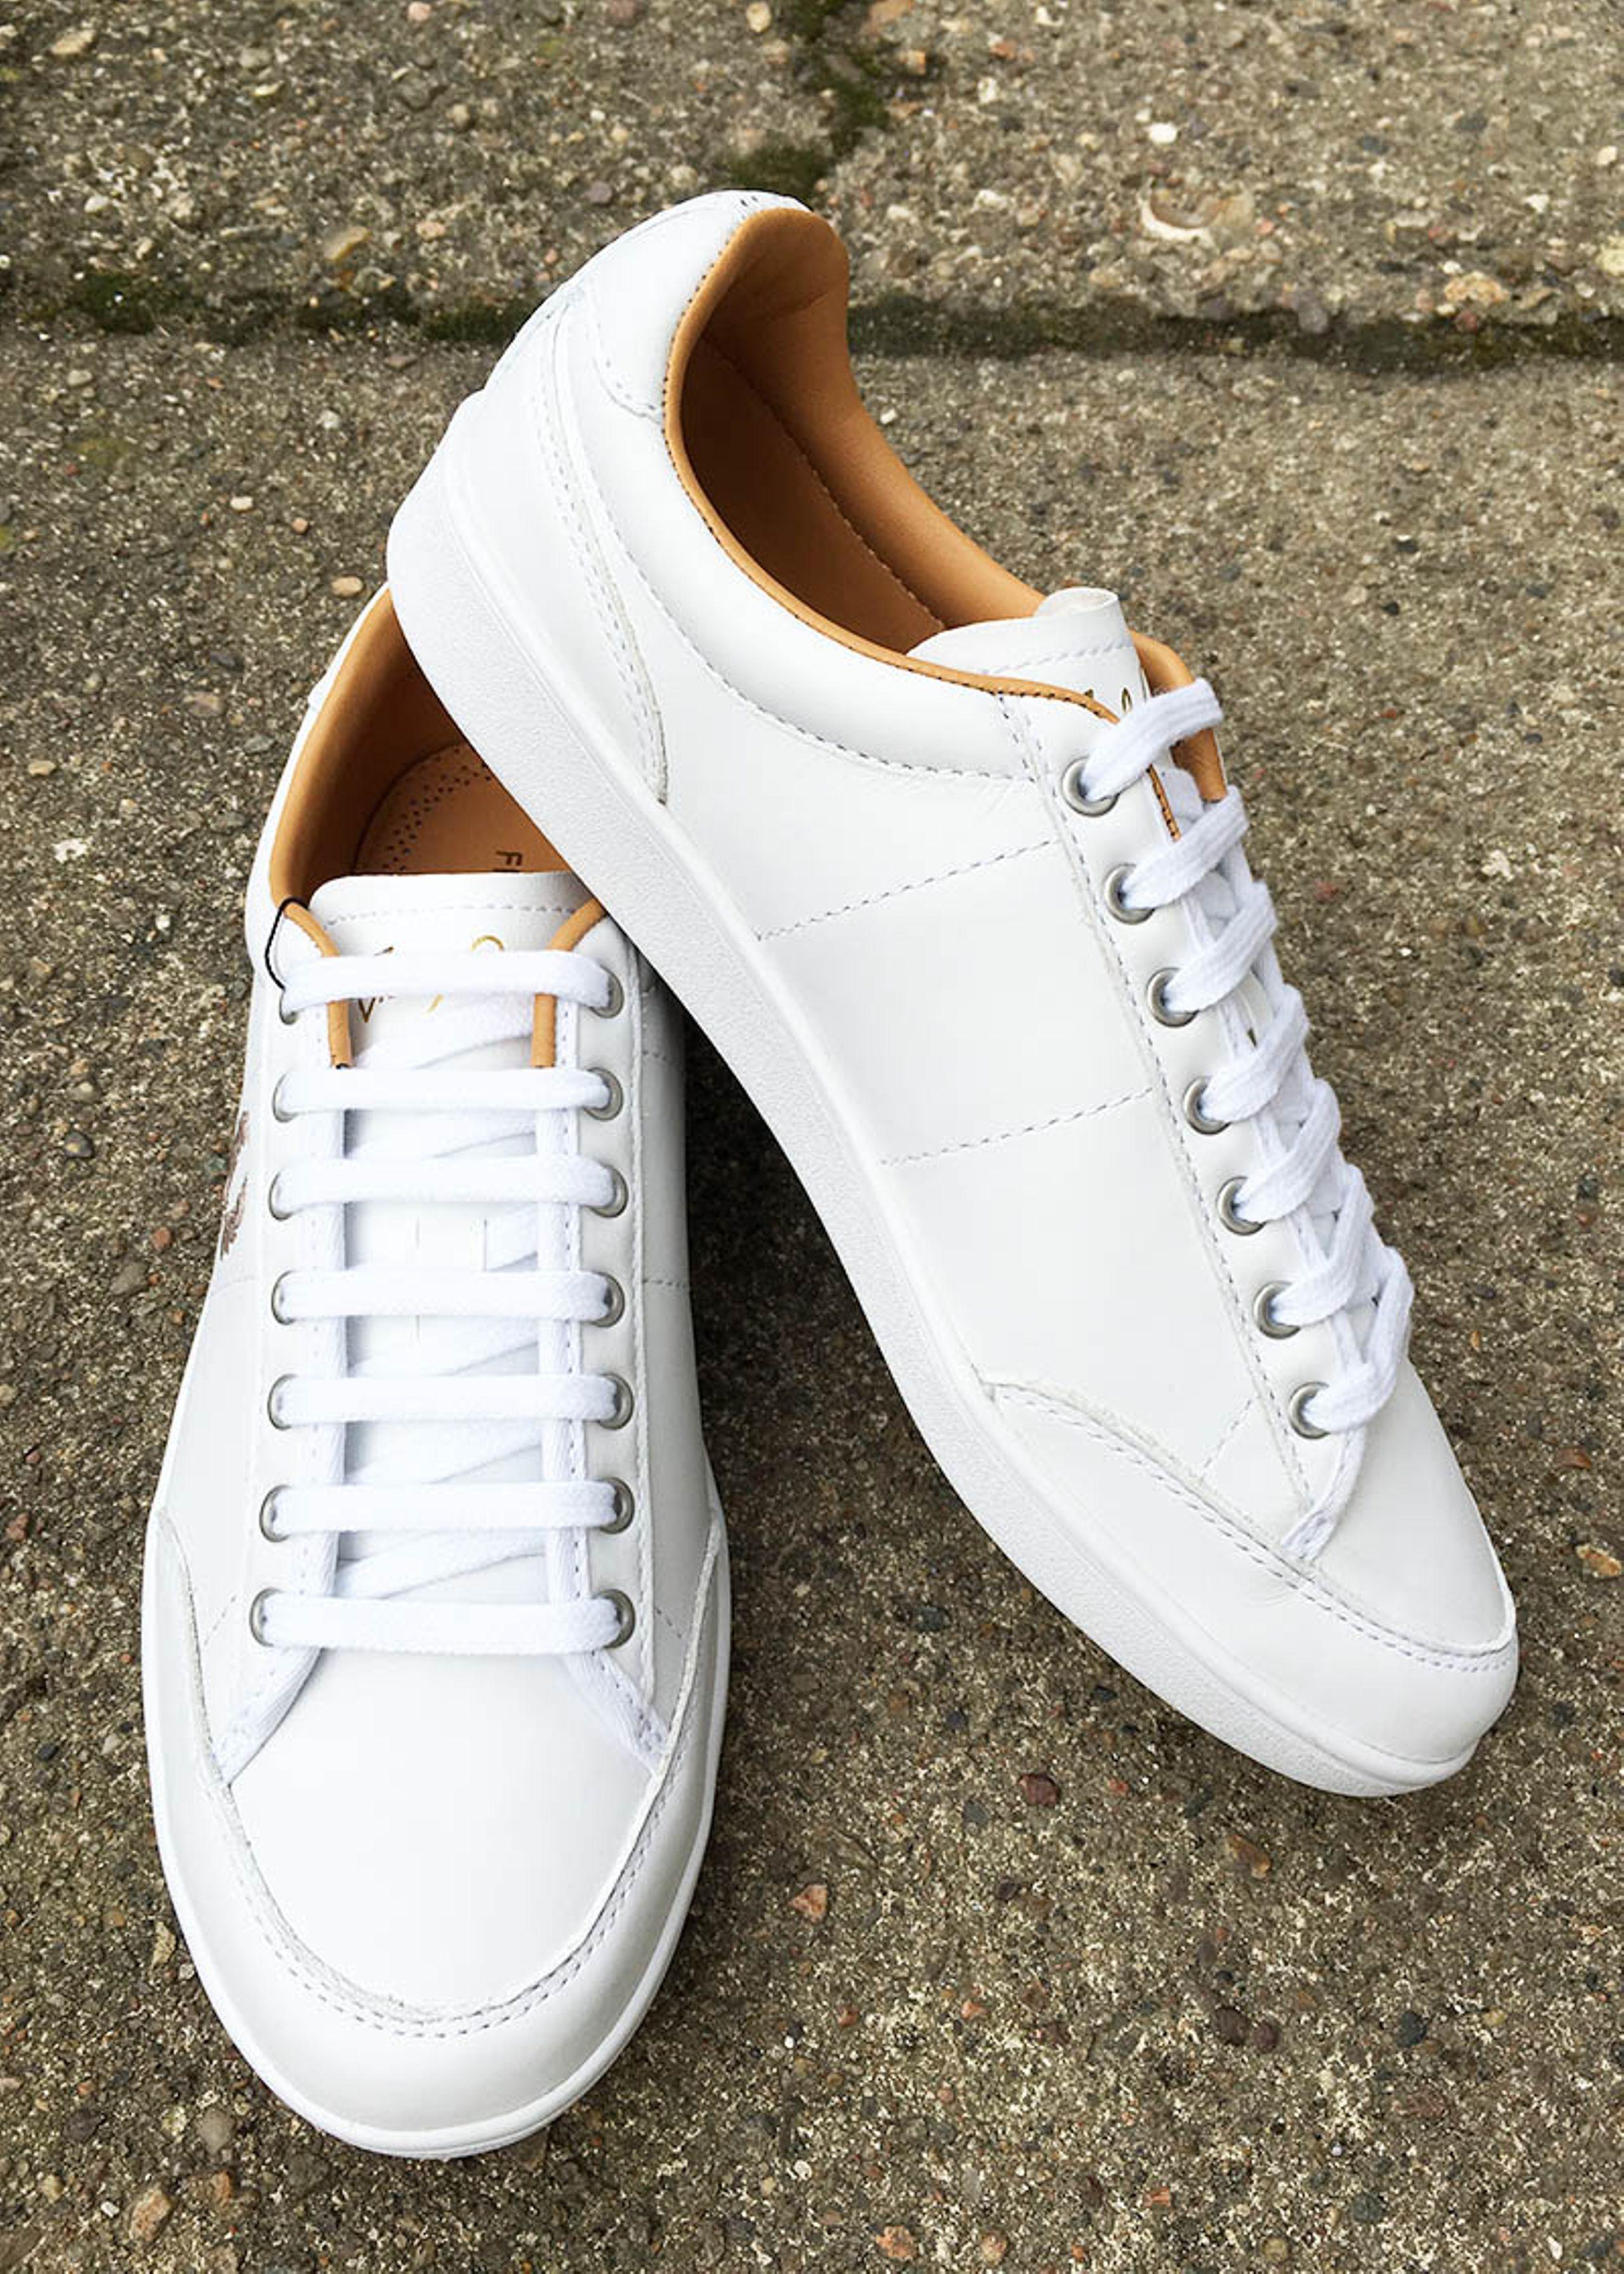 Leather Sneakers Hvide Sneakers PerryHopman Hvide Fred Leather Fred PerryHopman Fred oeCxBrd